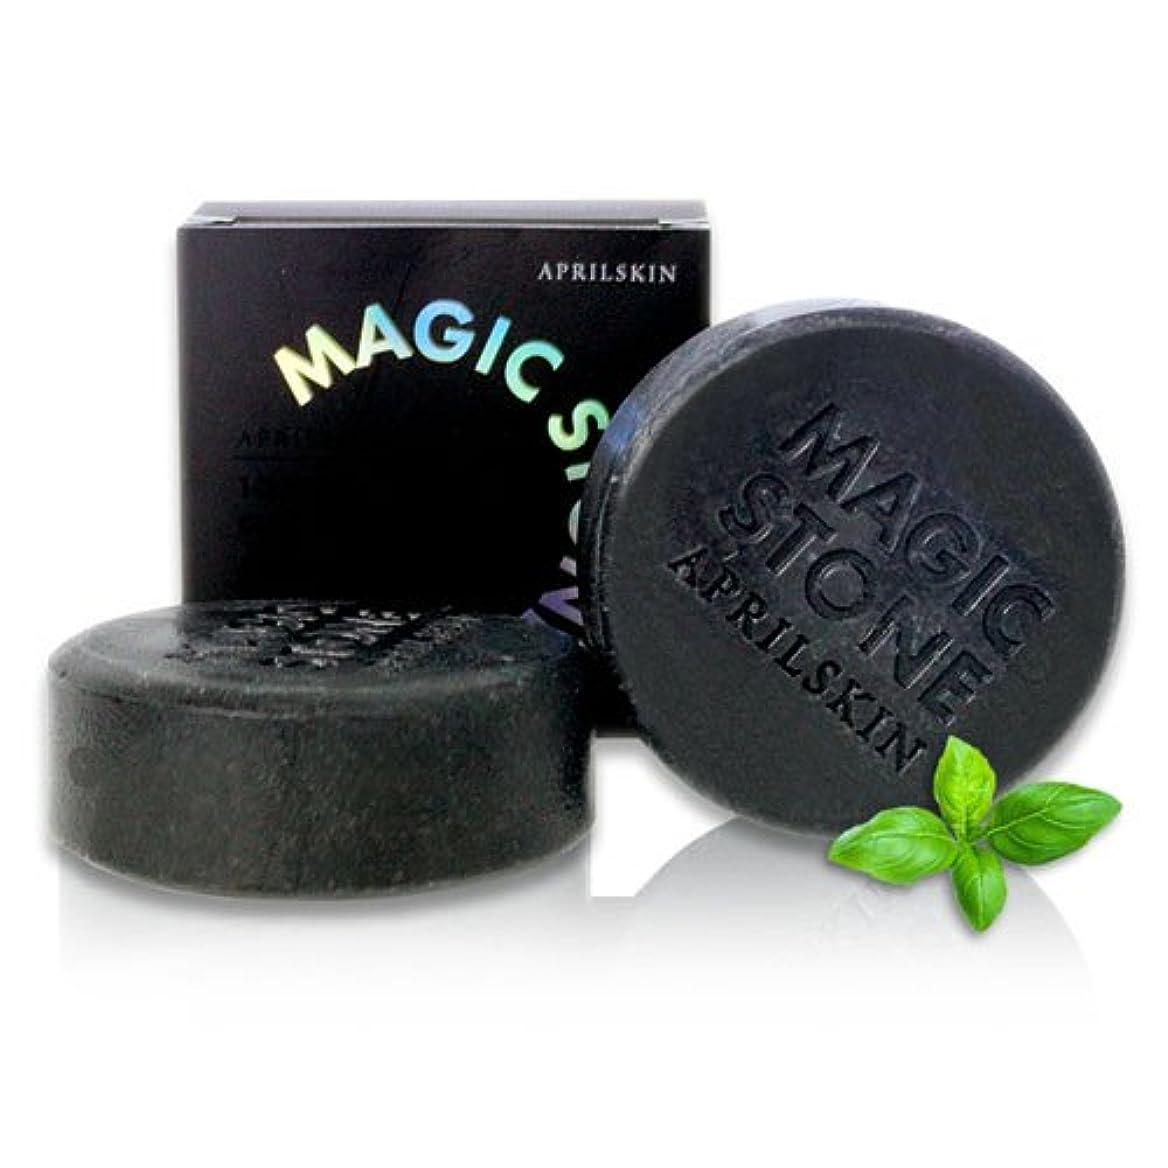 文字バーベキュー部門エープリル?スキン [韓国コスメ April Skin] マジック ストーン (100%天然石けん) Magic Stone Black [海外直送品][並行輸入品]